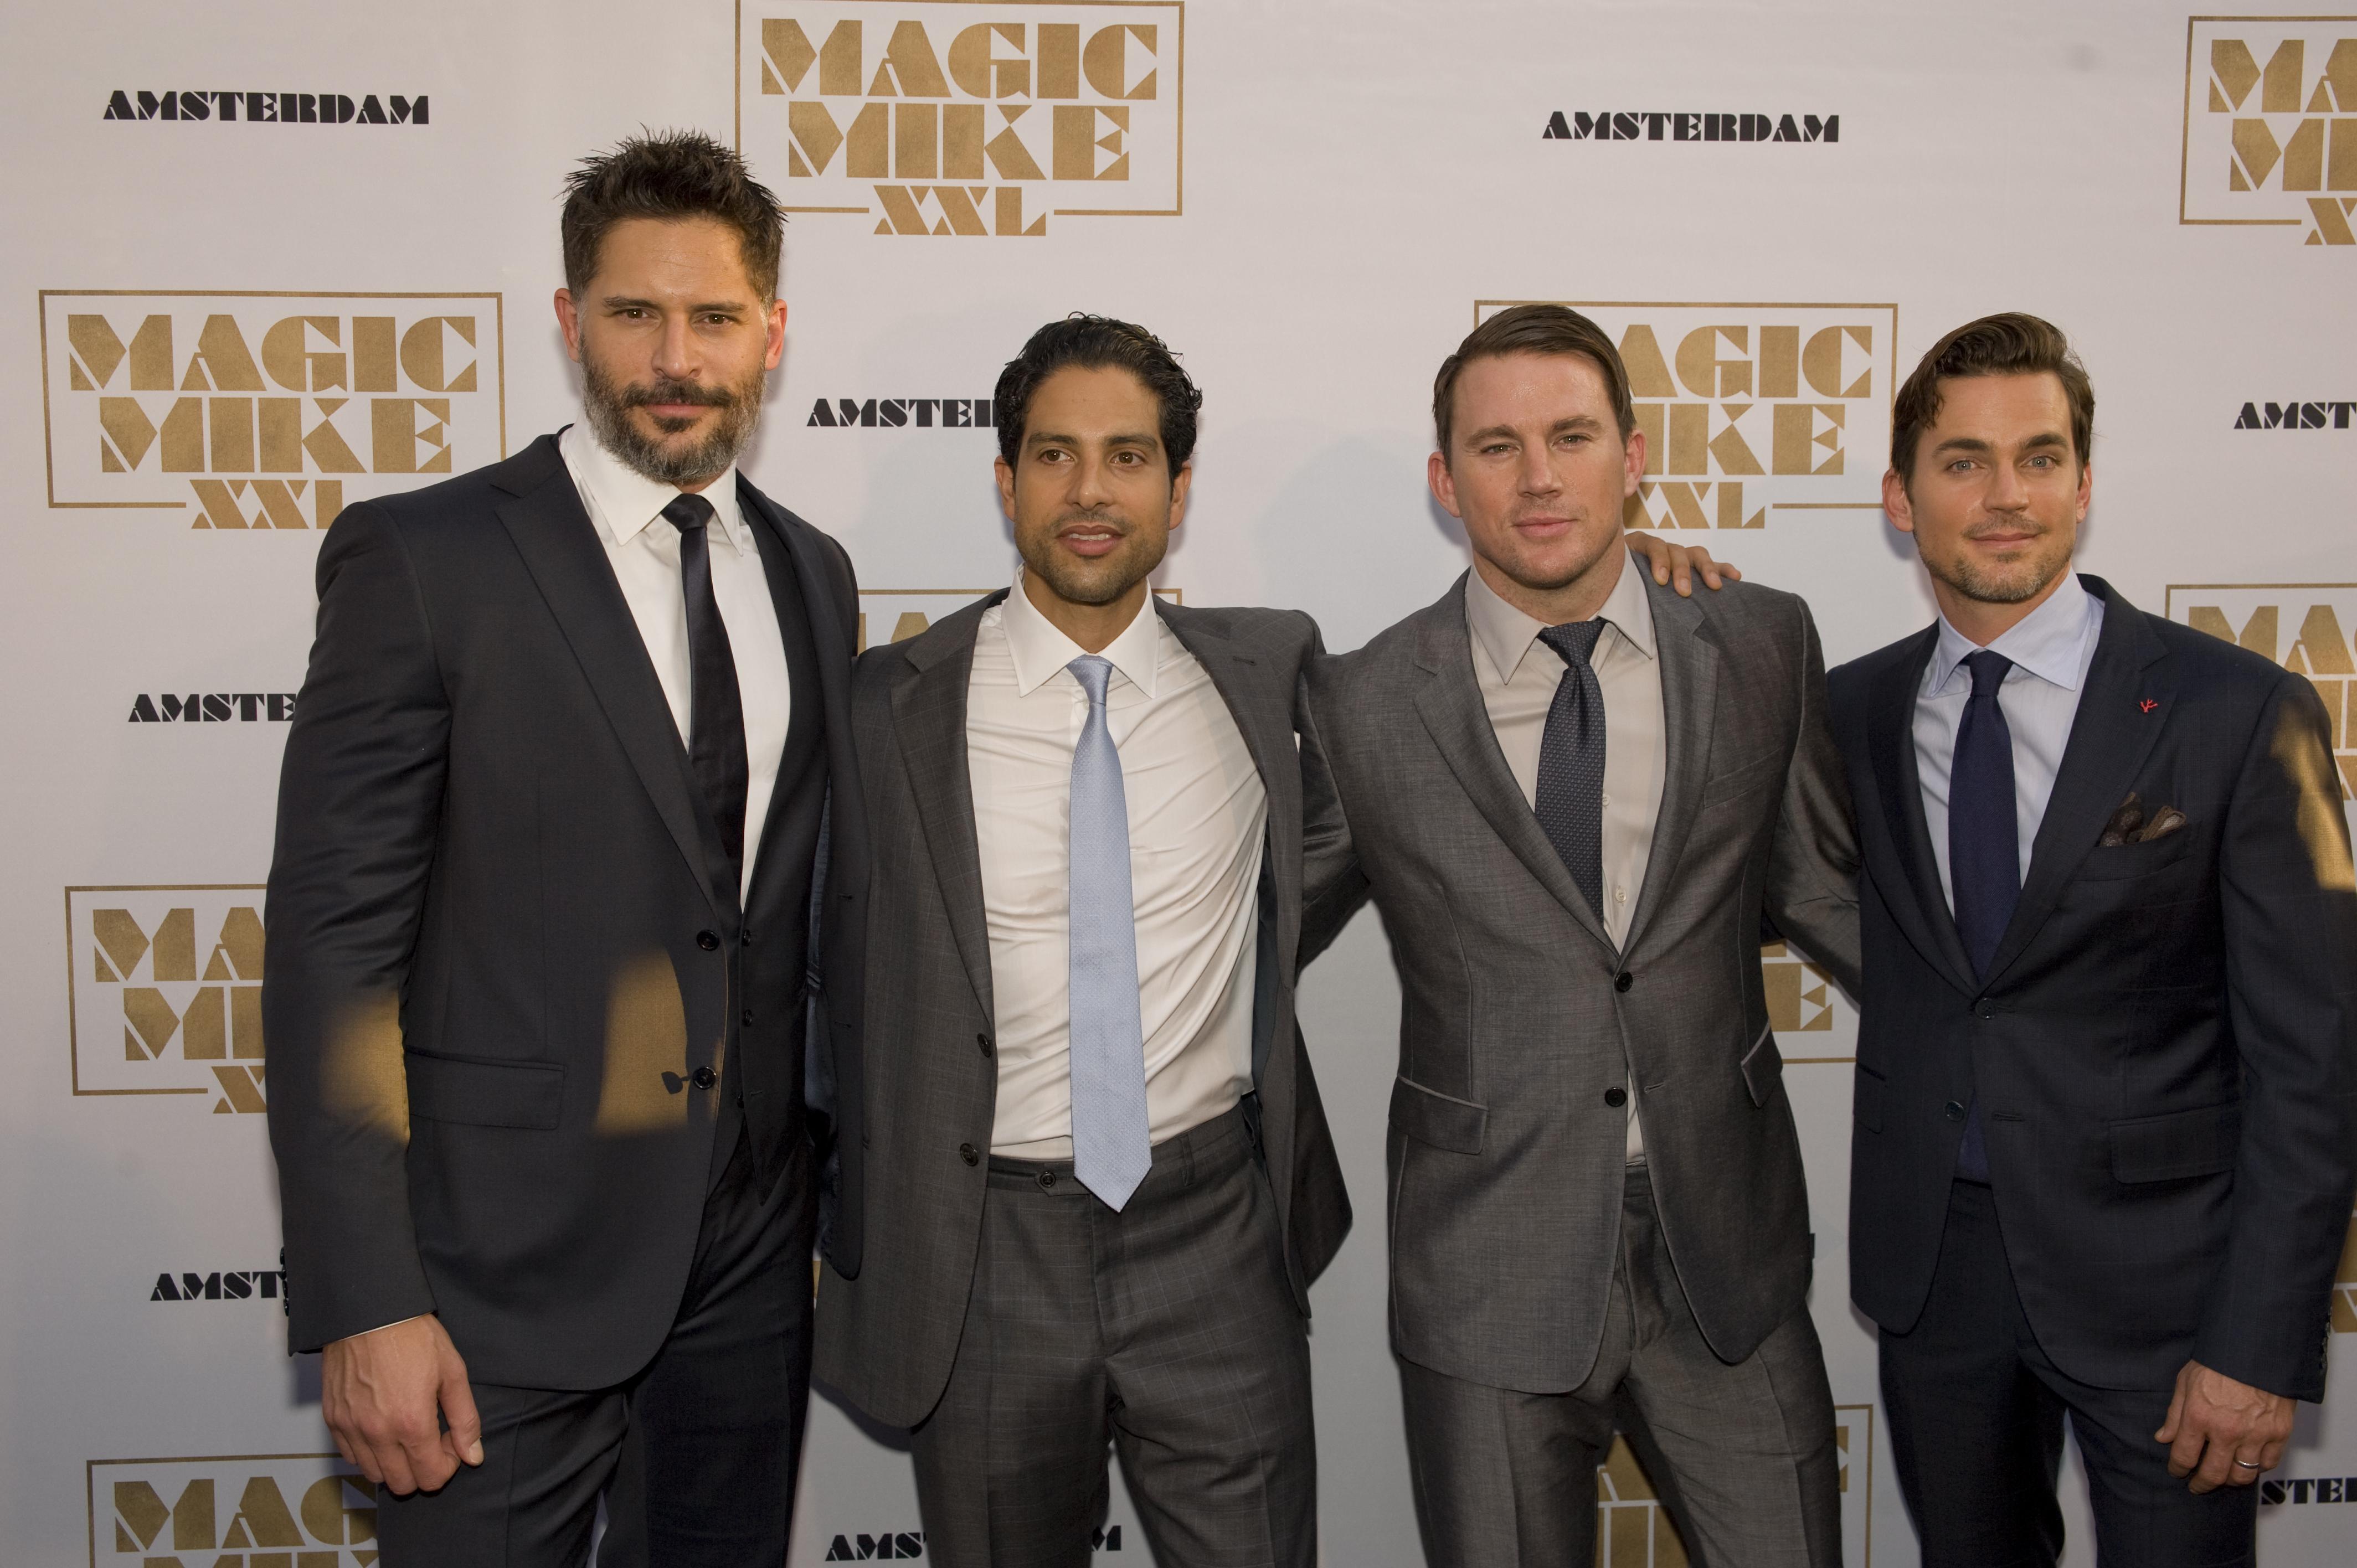 Strippers Joe, Adam, Channing, Matt